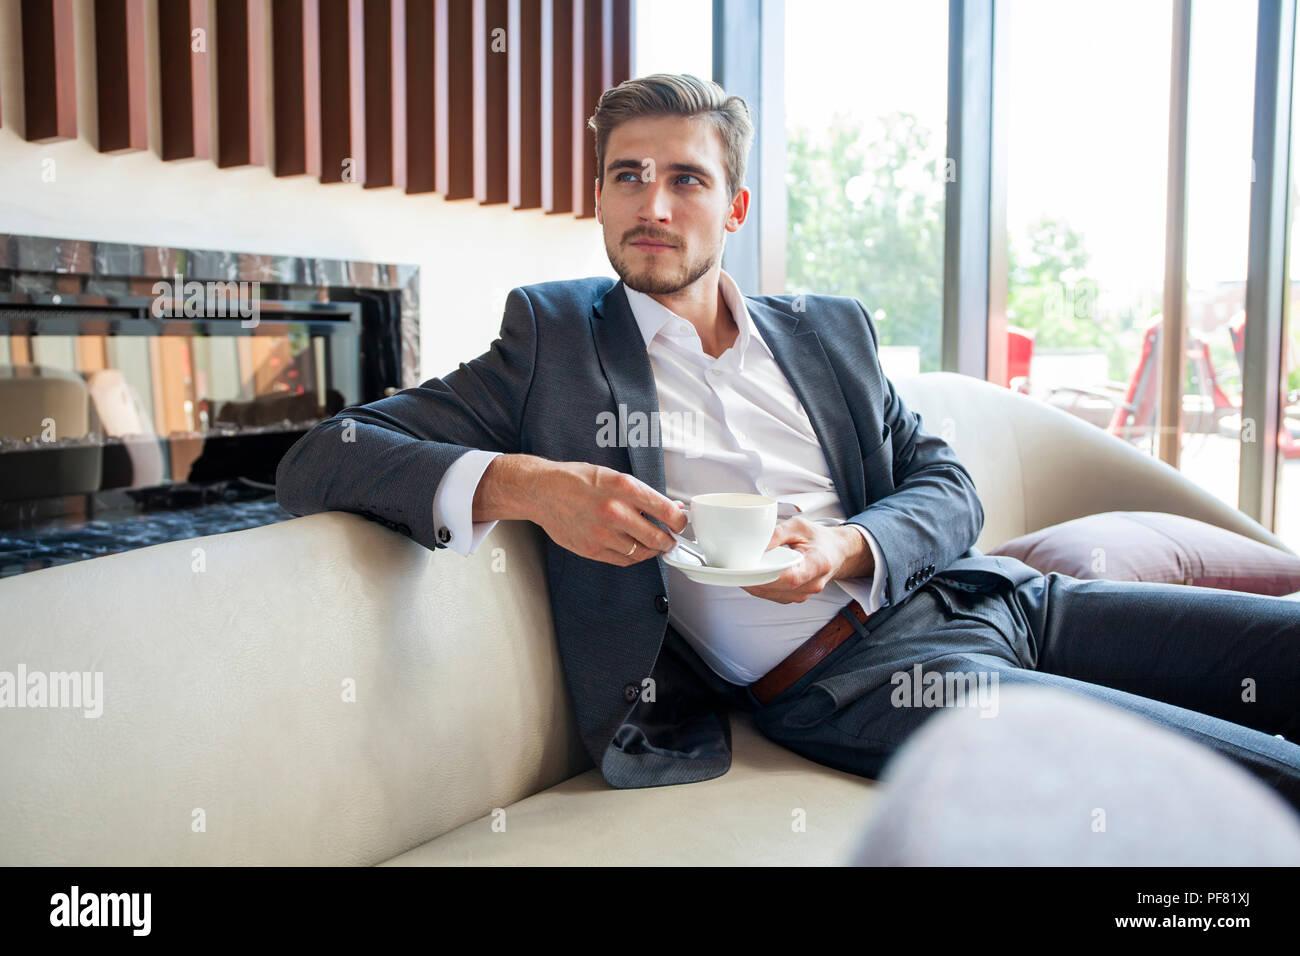 Retrato del joven empresario feliz sentado en un sofá en el vestíbulo del hotel. Imagen De Stock